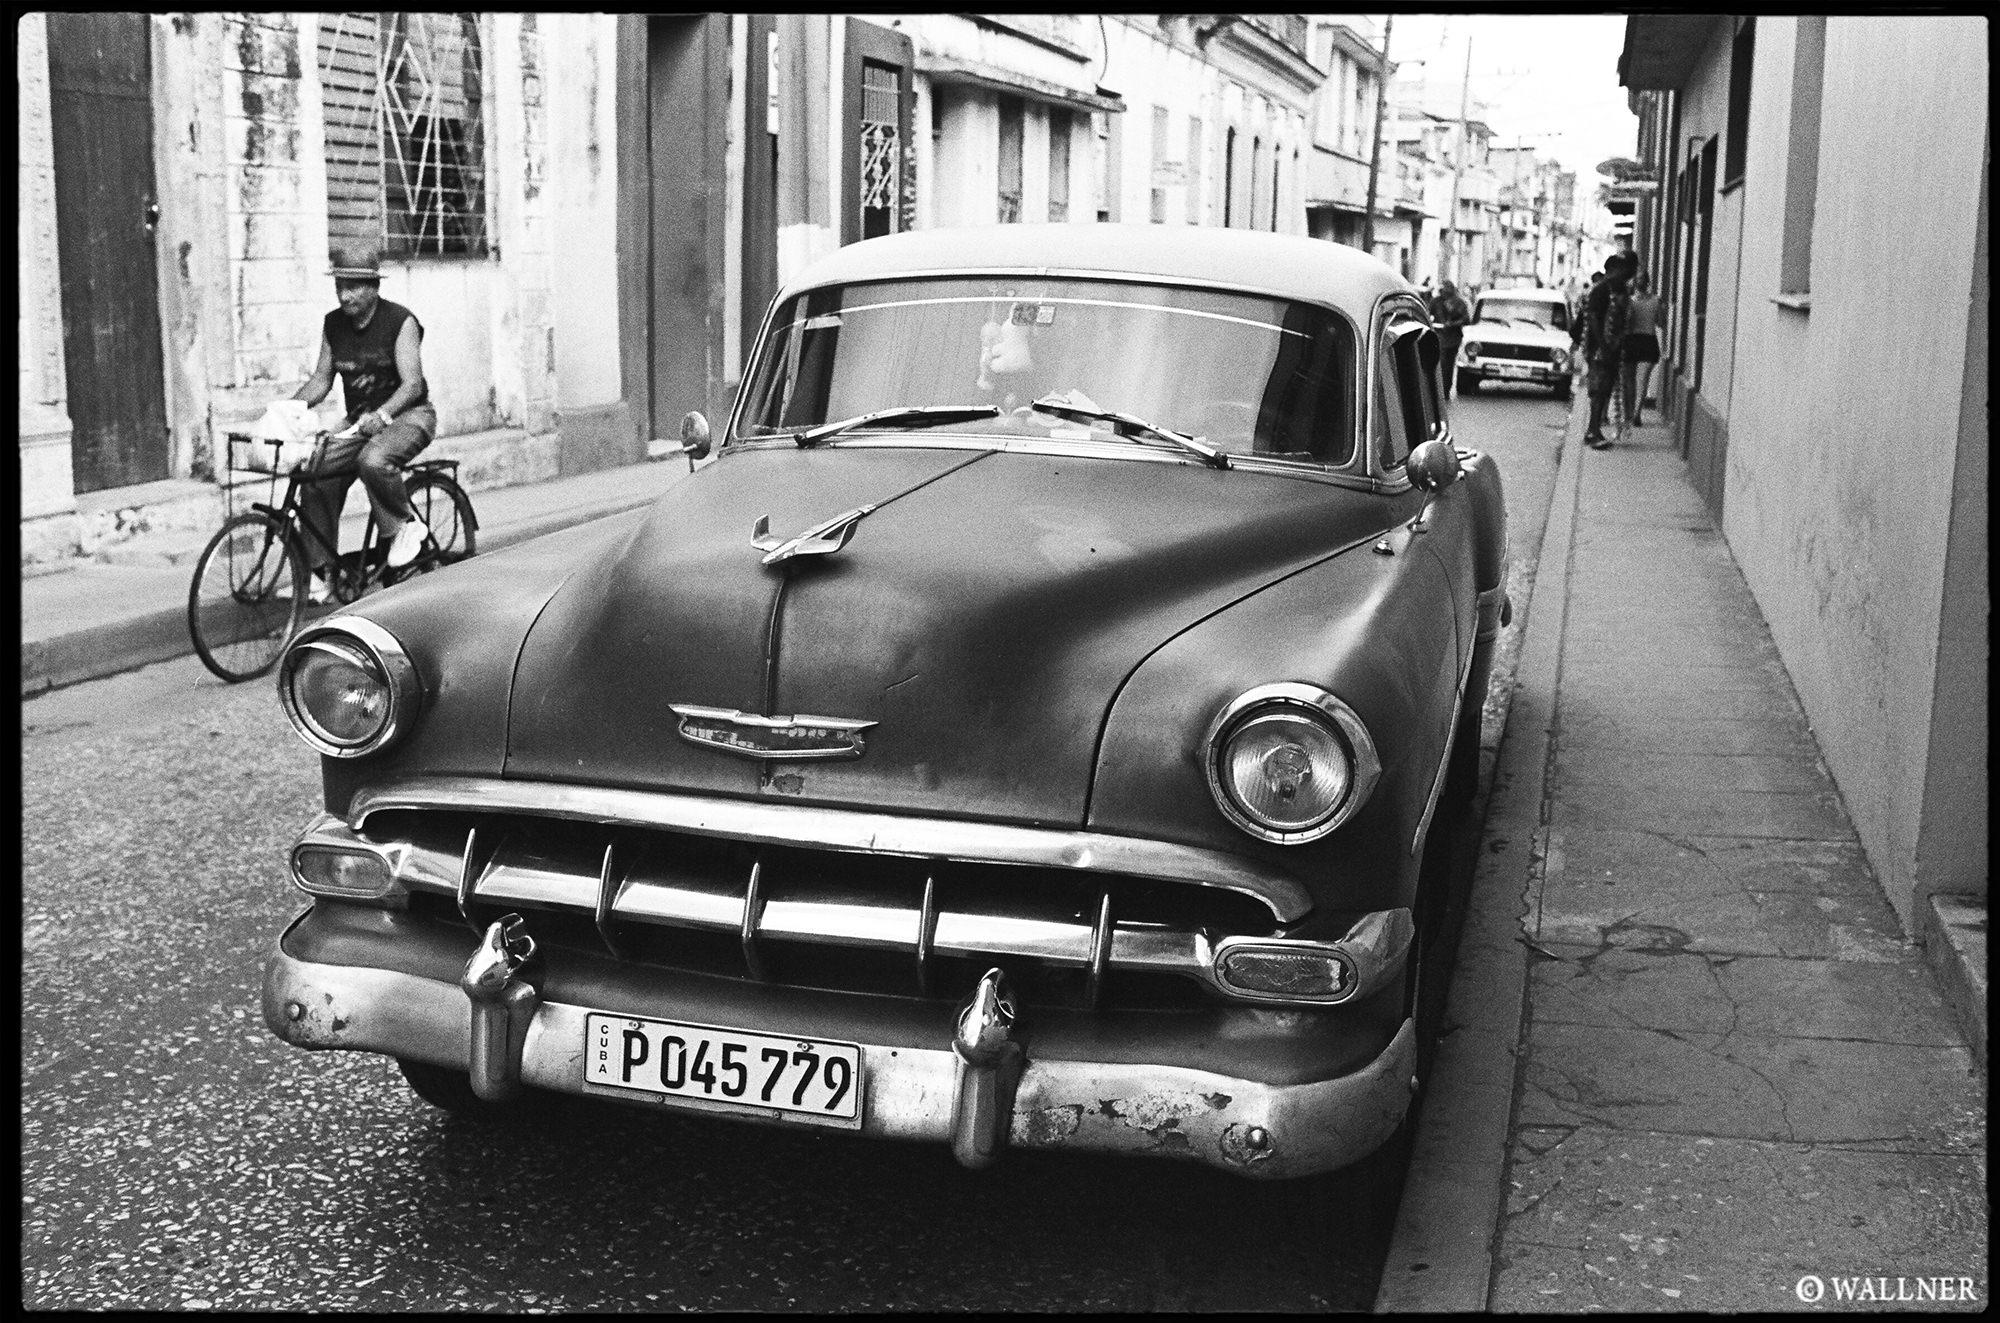 35mmPatrikWallner_Santa Clara_1950 LOWQ 2000P w WM